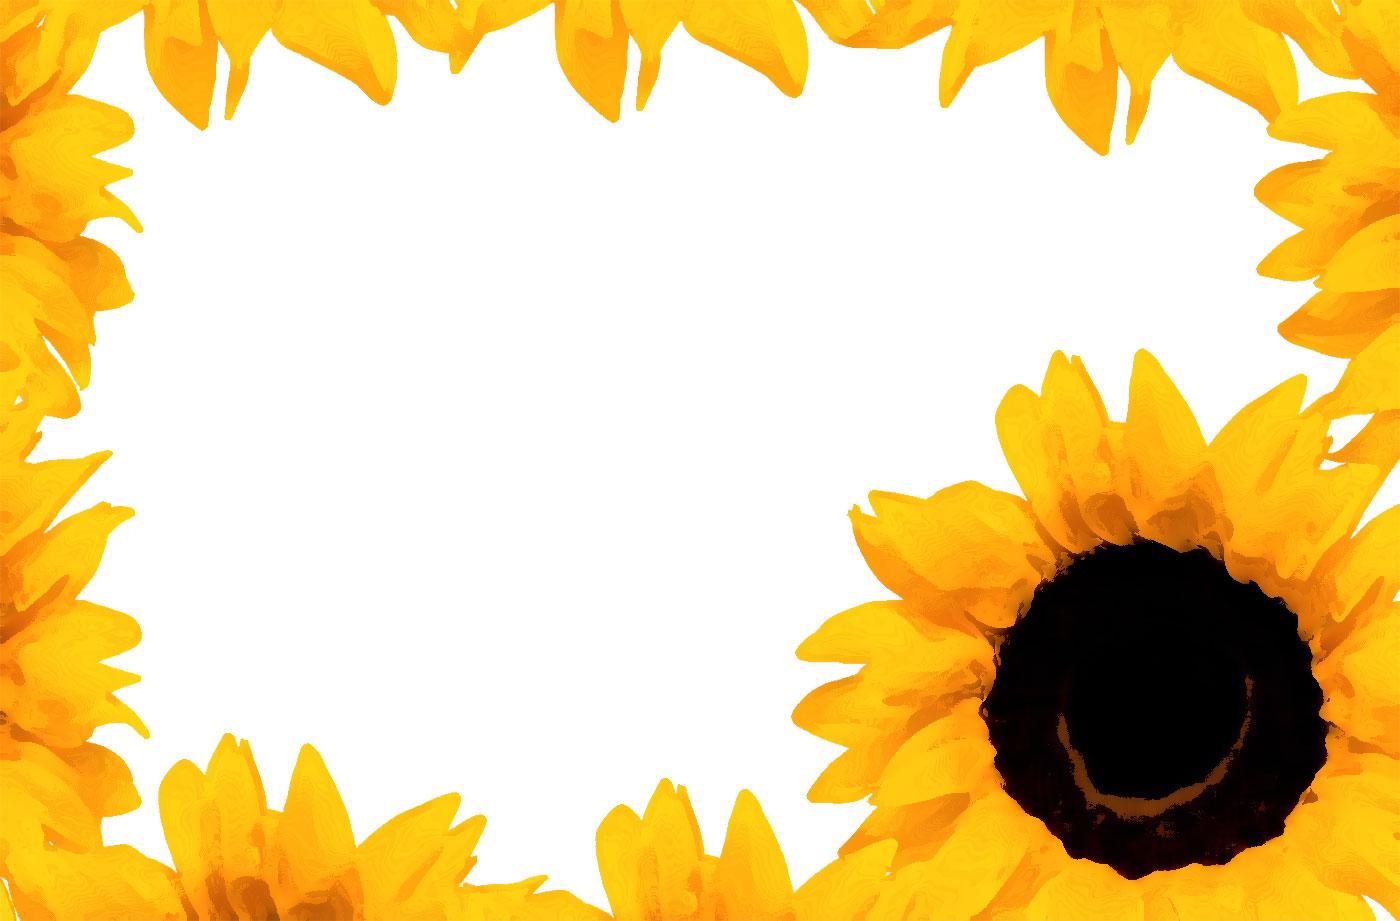 花のイラスト・フリー素材/フレーム枠no.693『ひまわり』